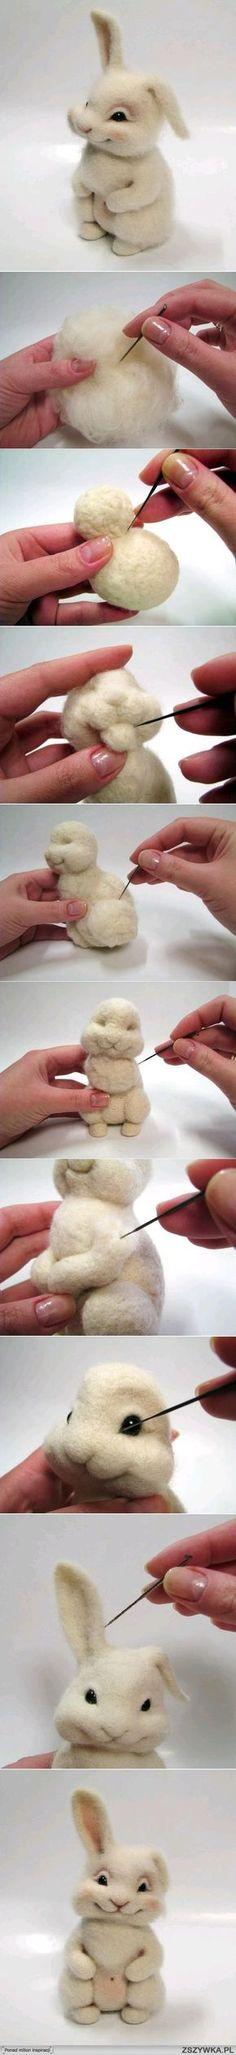 Bunny tutorial: